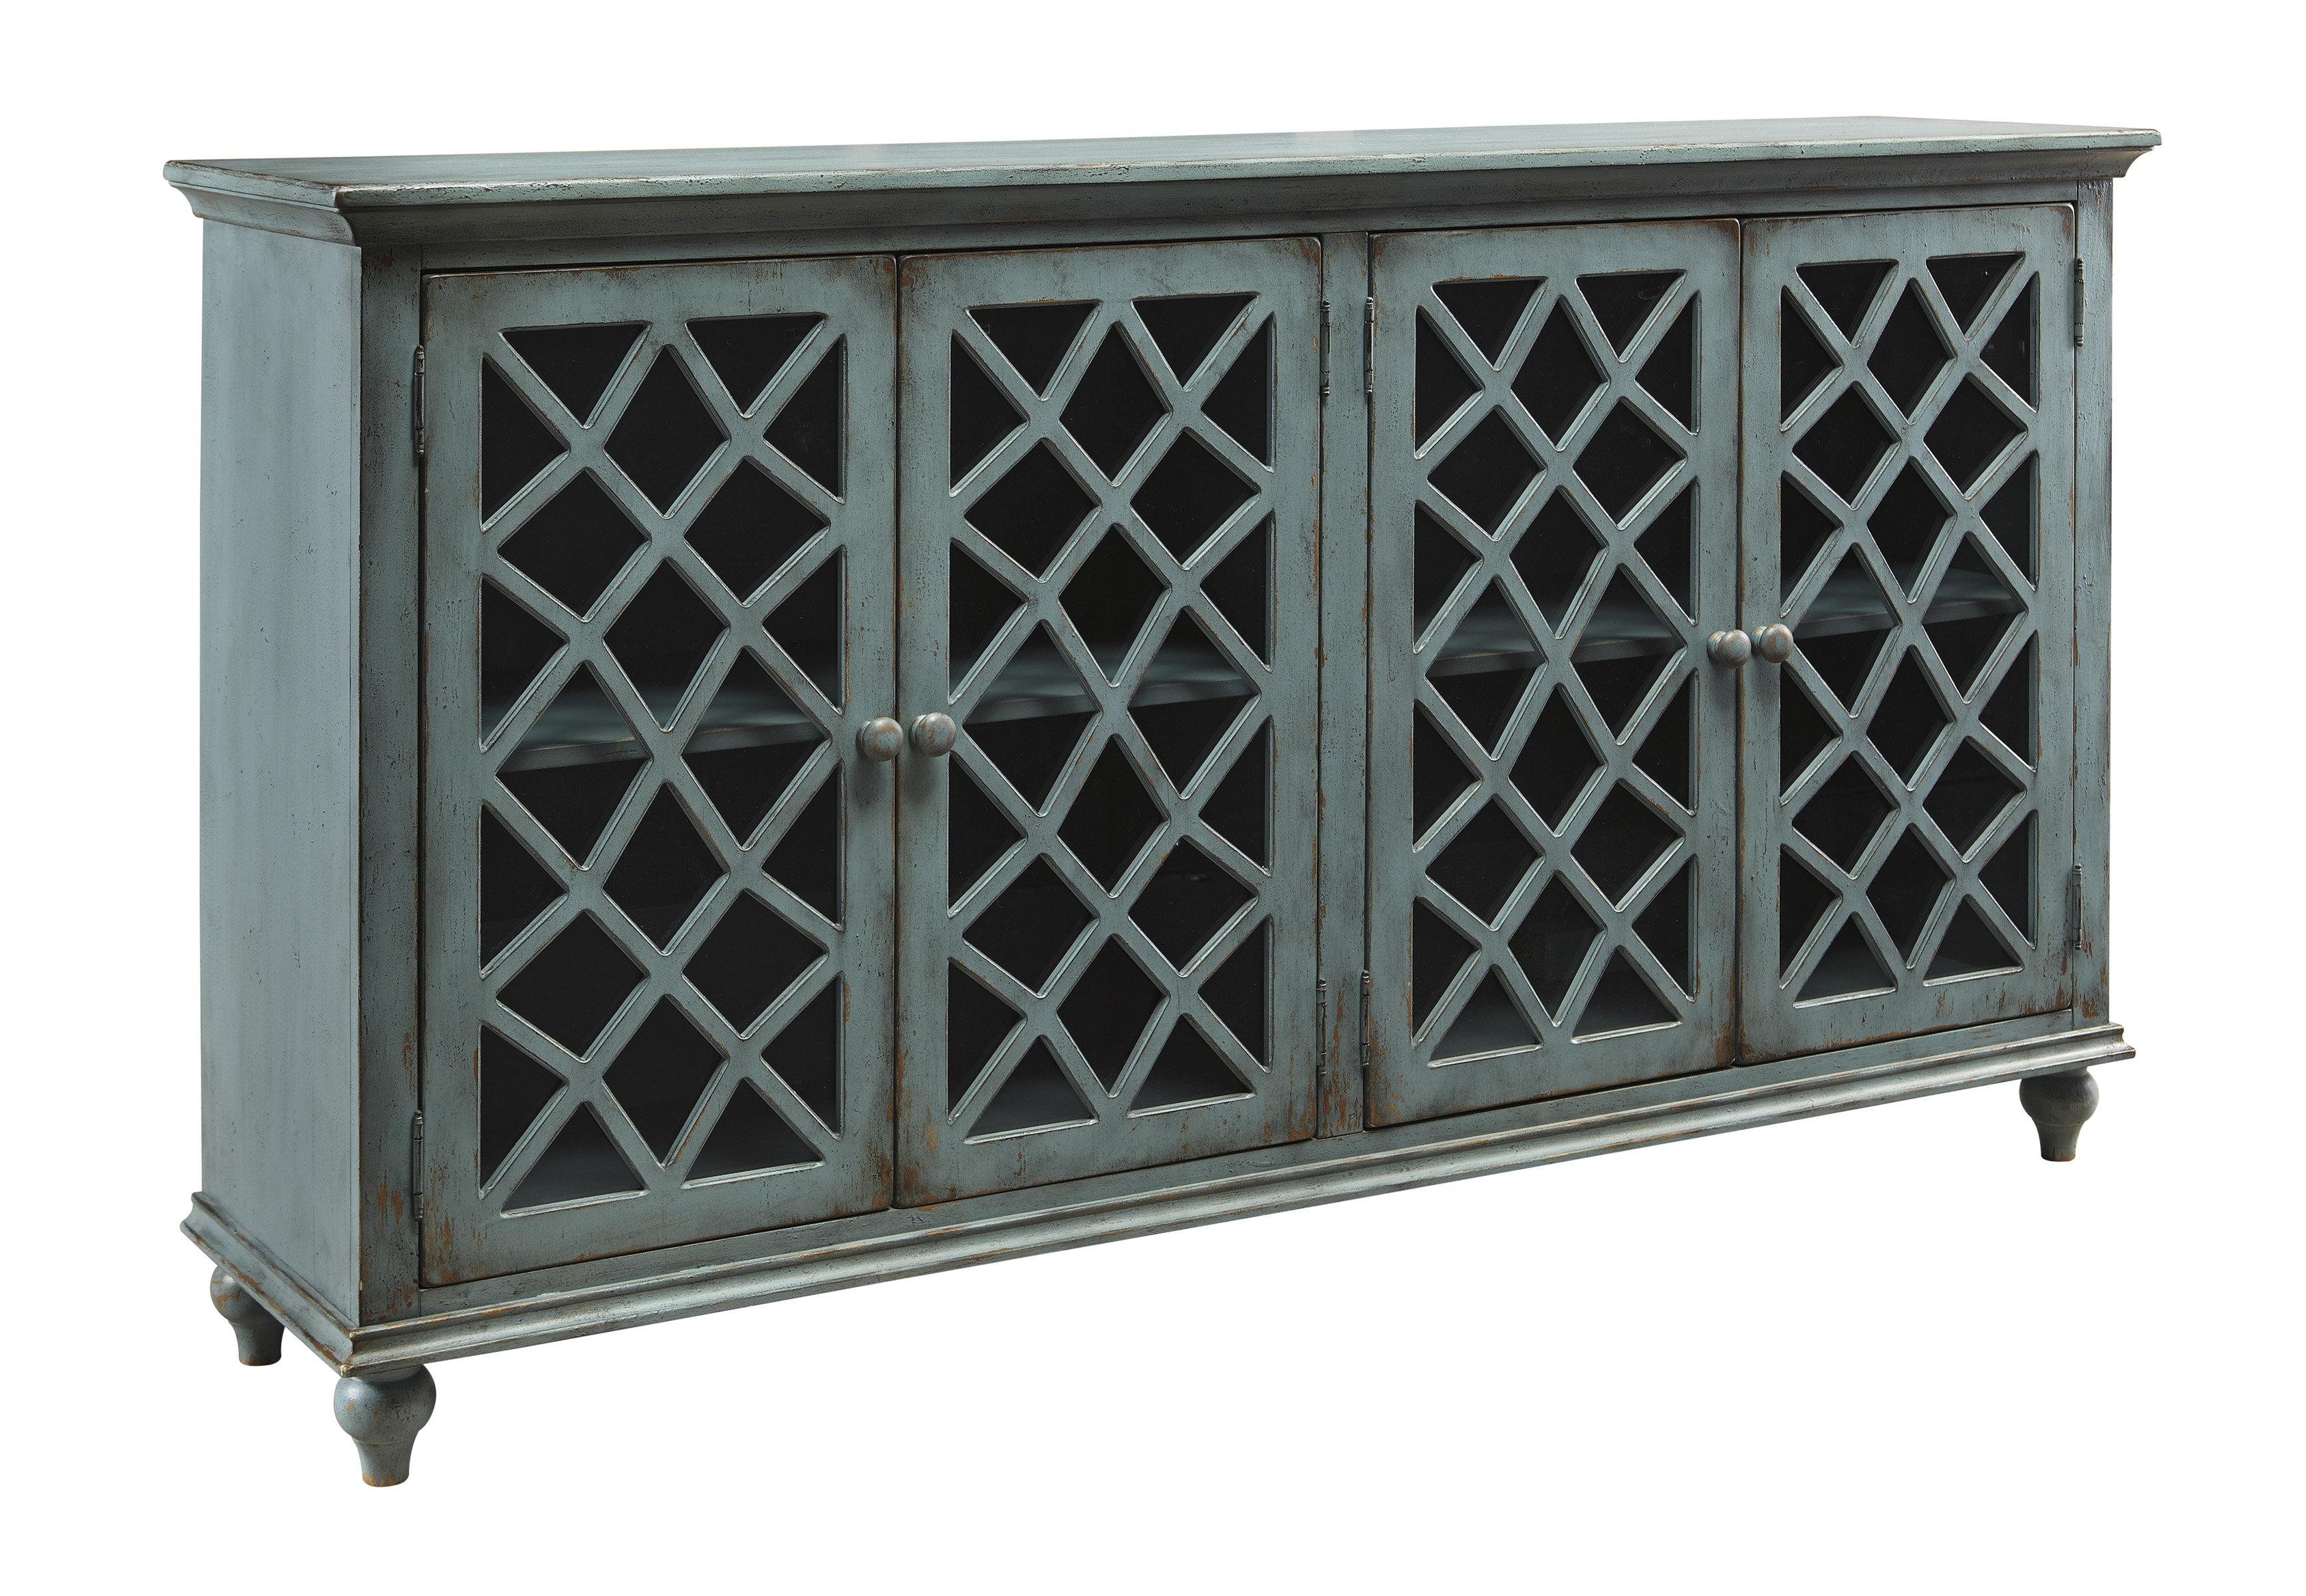 Kara 4 Door Accent Cabinet with regard to Kara 4 Door Accent Cabinets (Image 19 of 30)